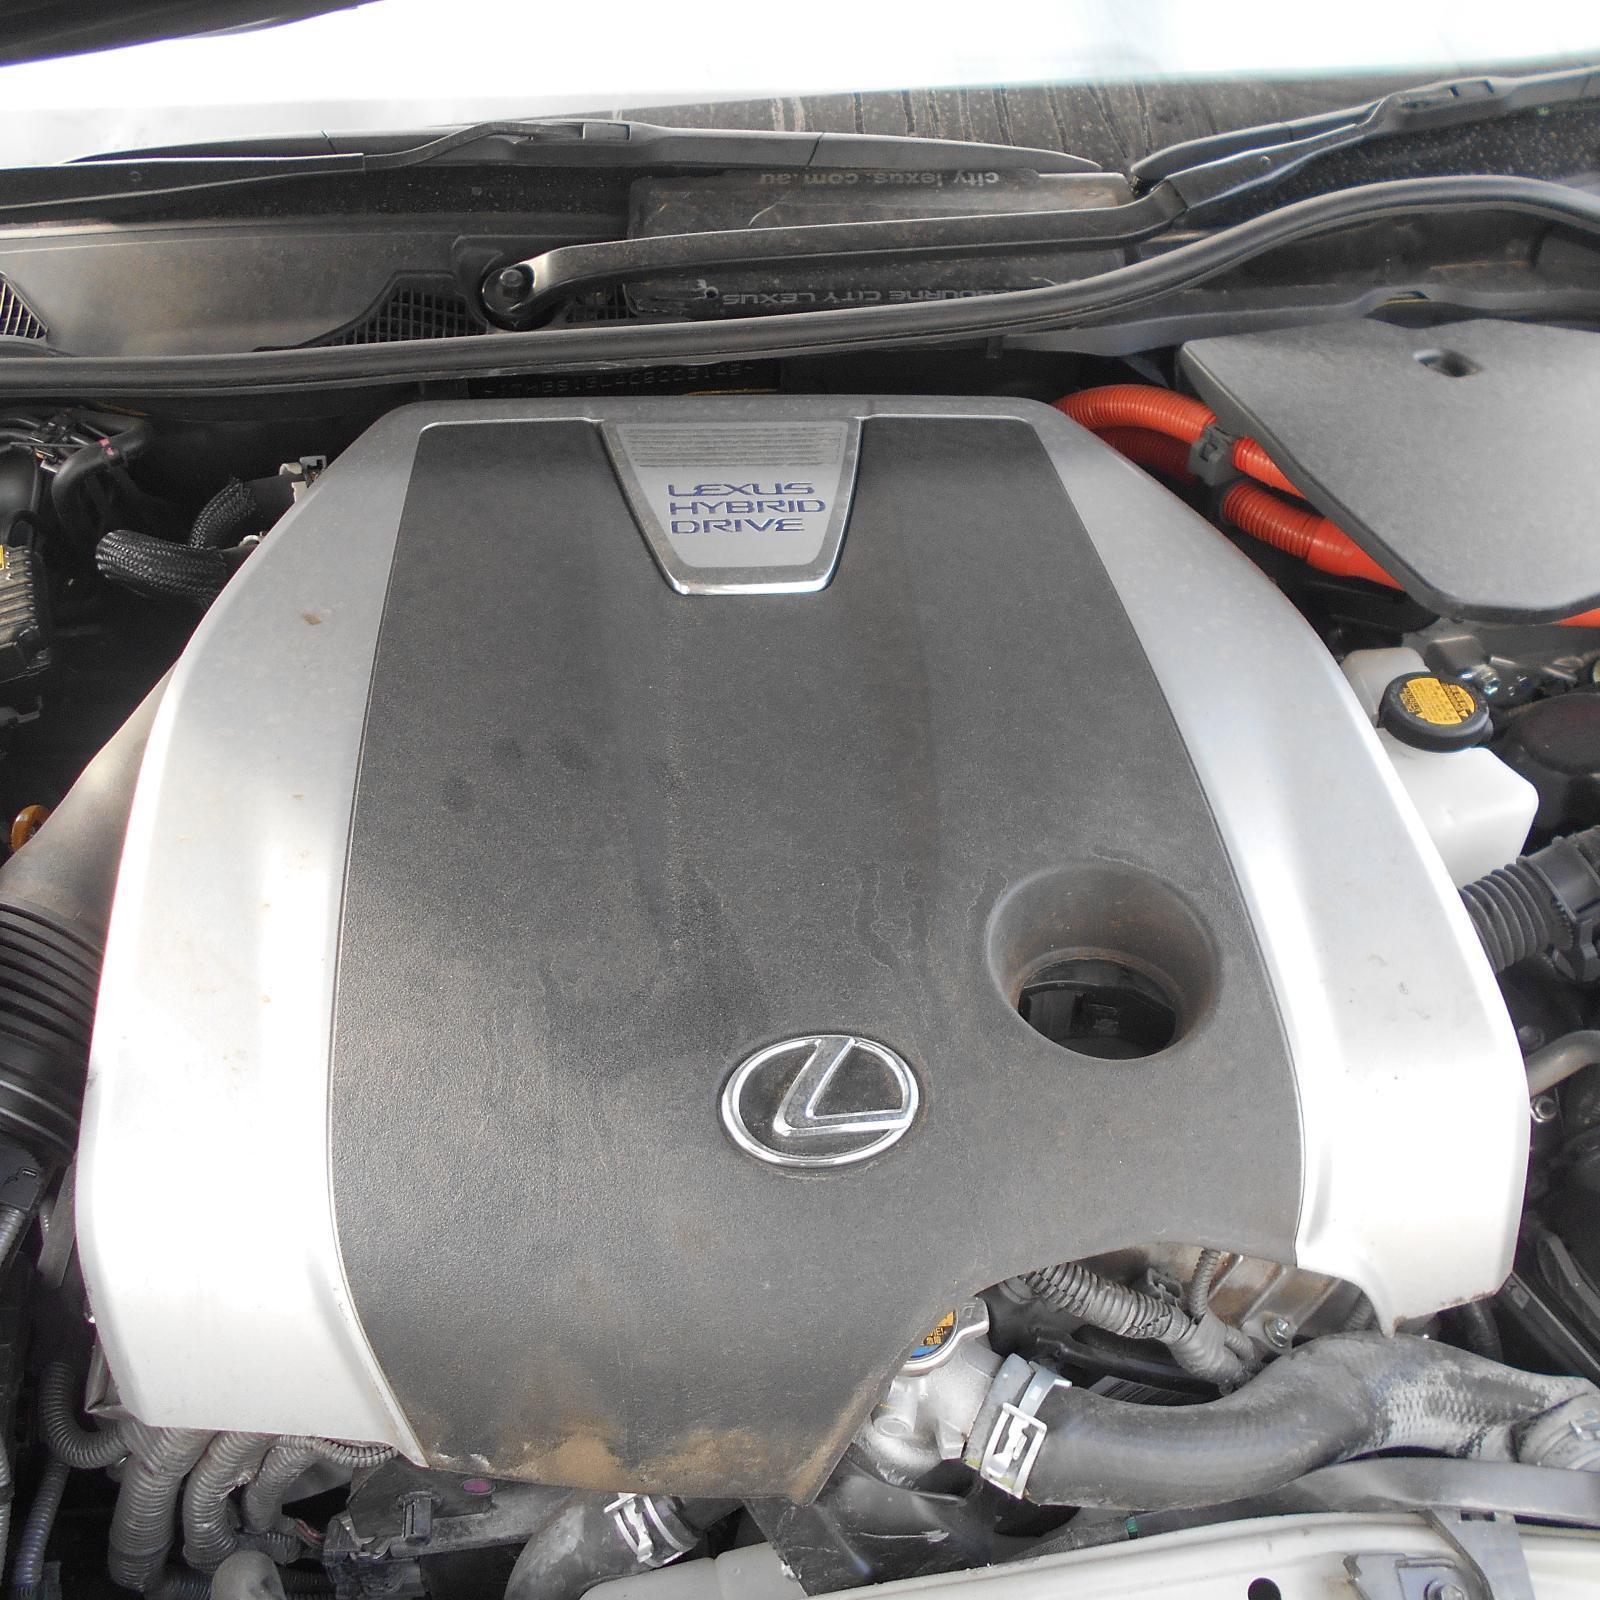 LEXUS GS, Engine, PETROL, 3.5, 2GR-FXE, 10 SERIES, GS450H, 06/12-